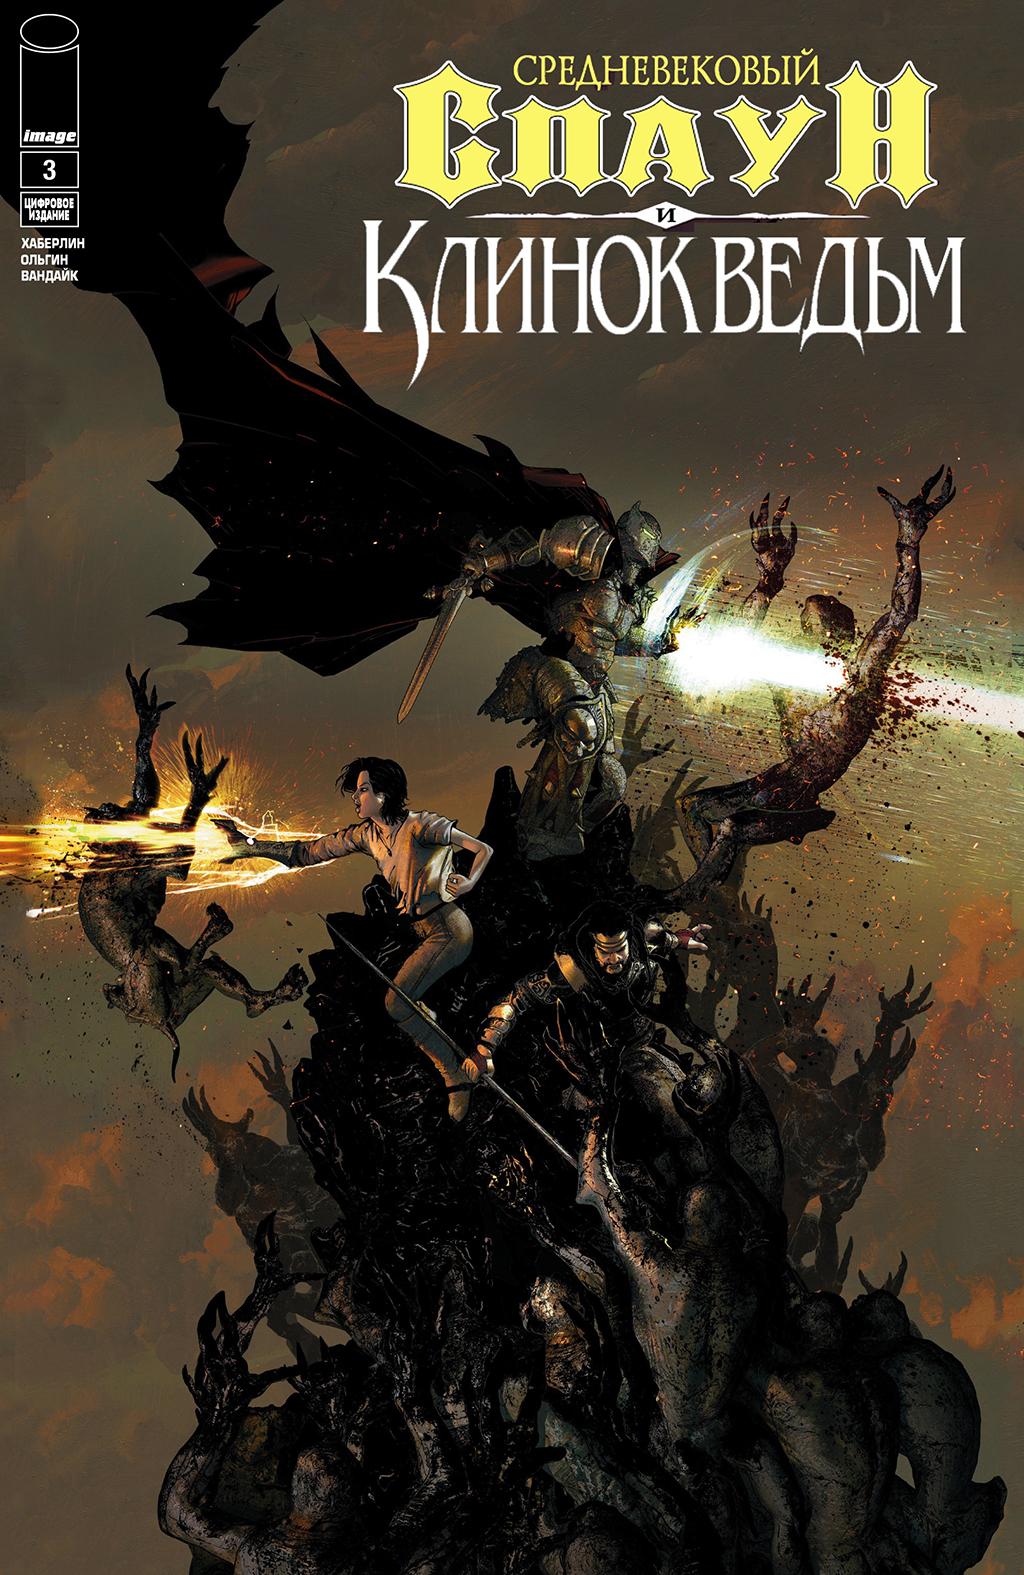 Комикс Средневековый Спаун и Клинок ведьм